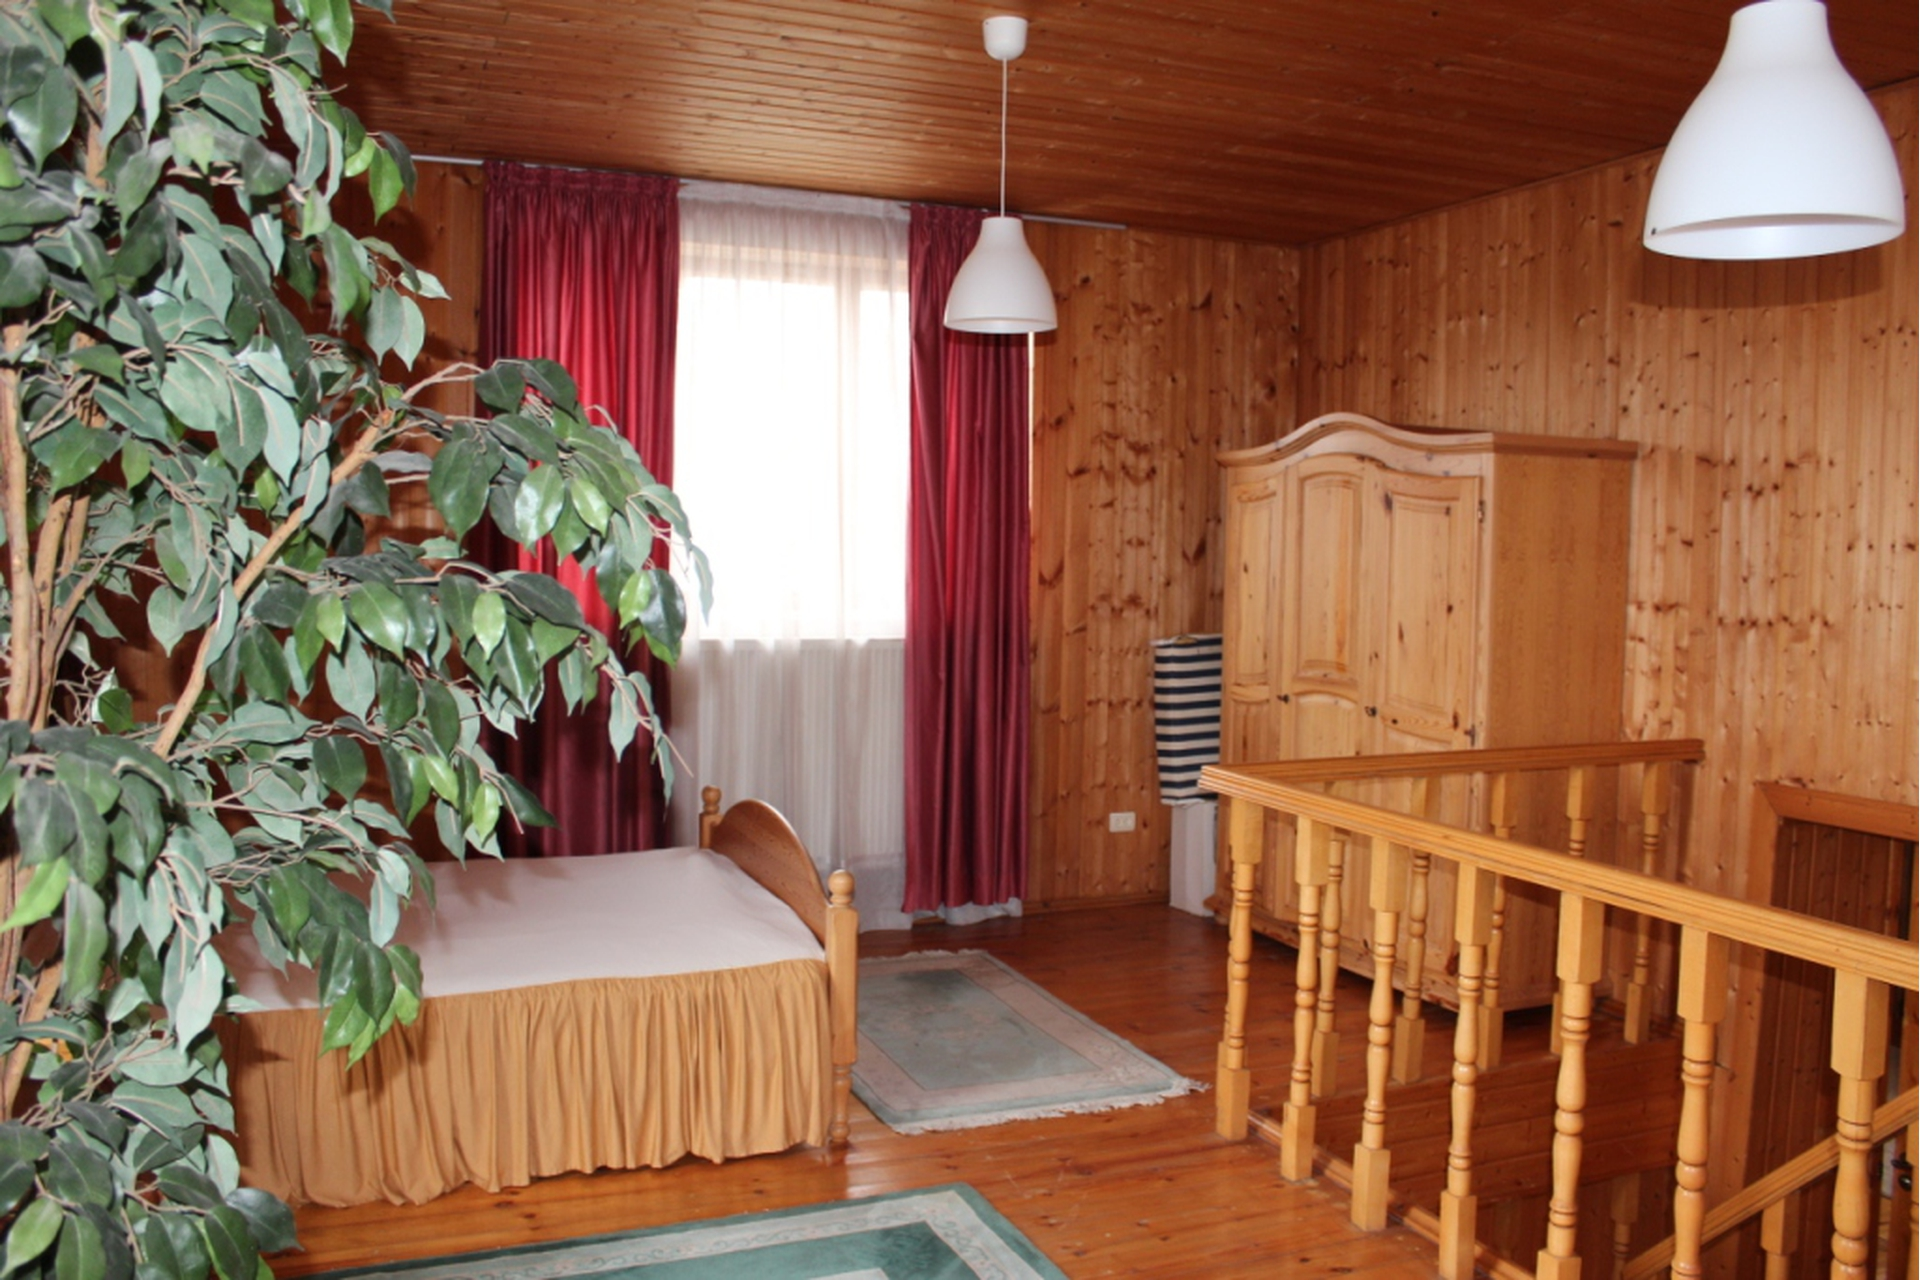 Успейте купить дом в 16 км от МКАДа по привлекательной цене 19